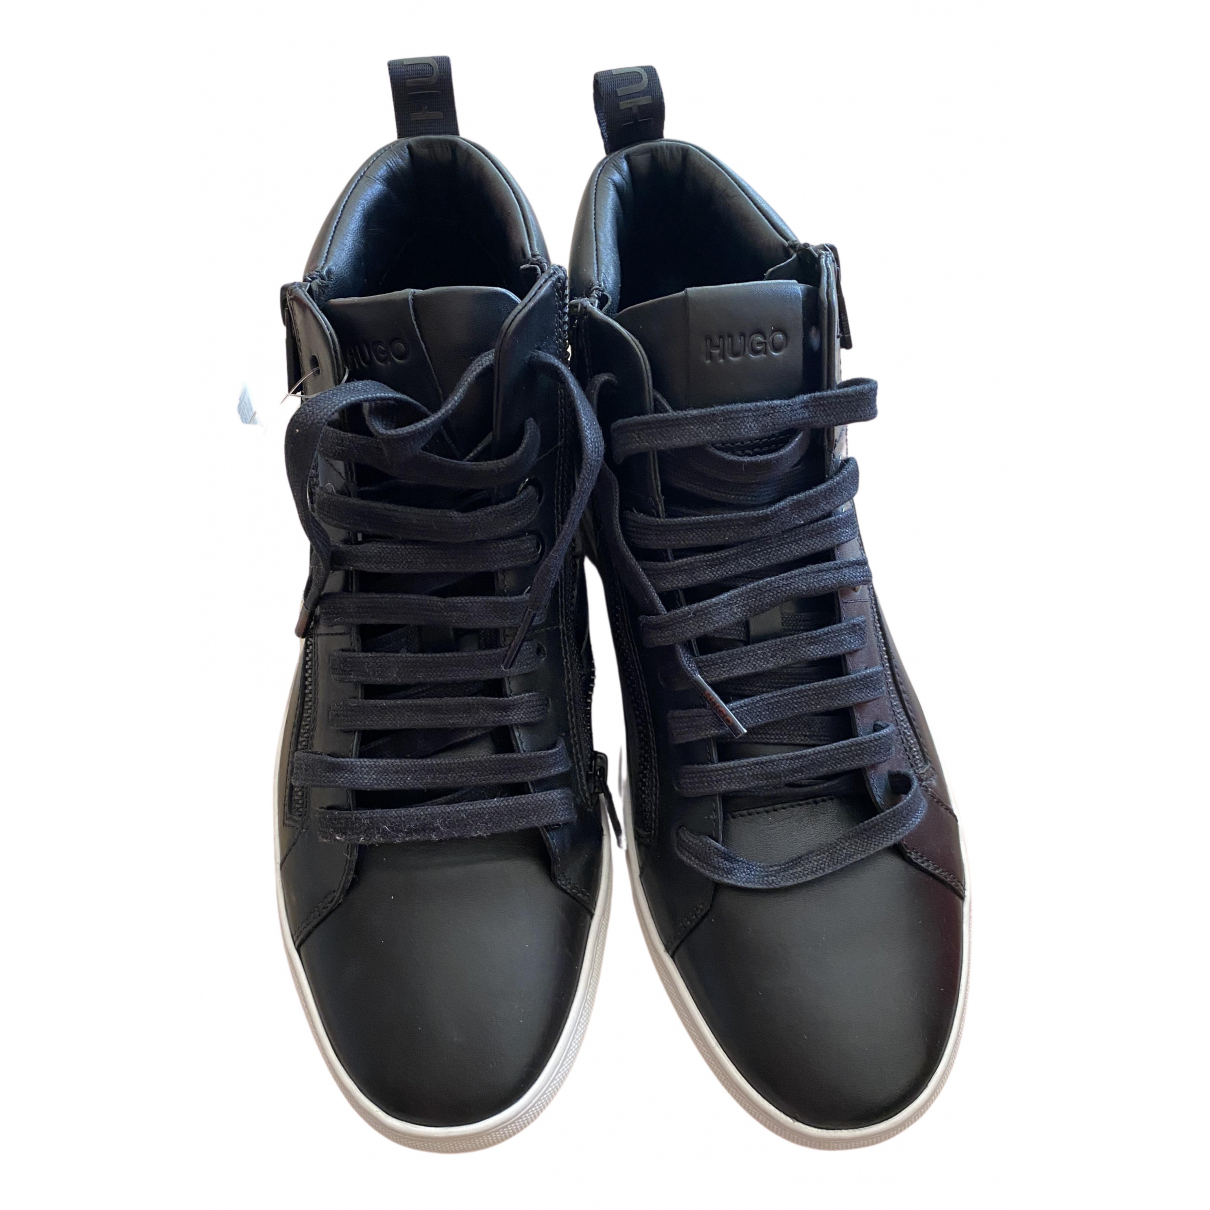 Hugo Boss \N Sneakers in  Schwarz Leder